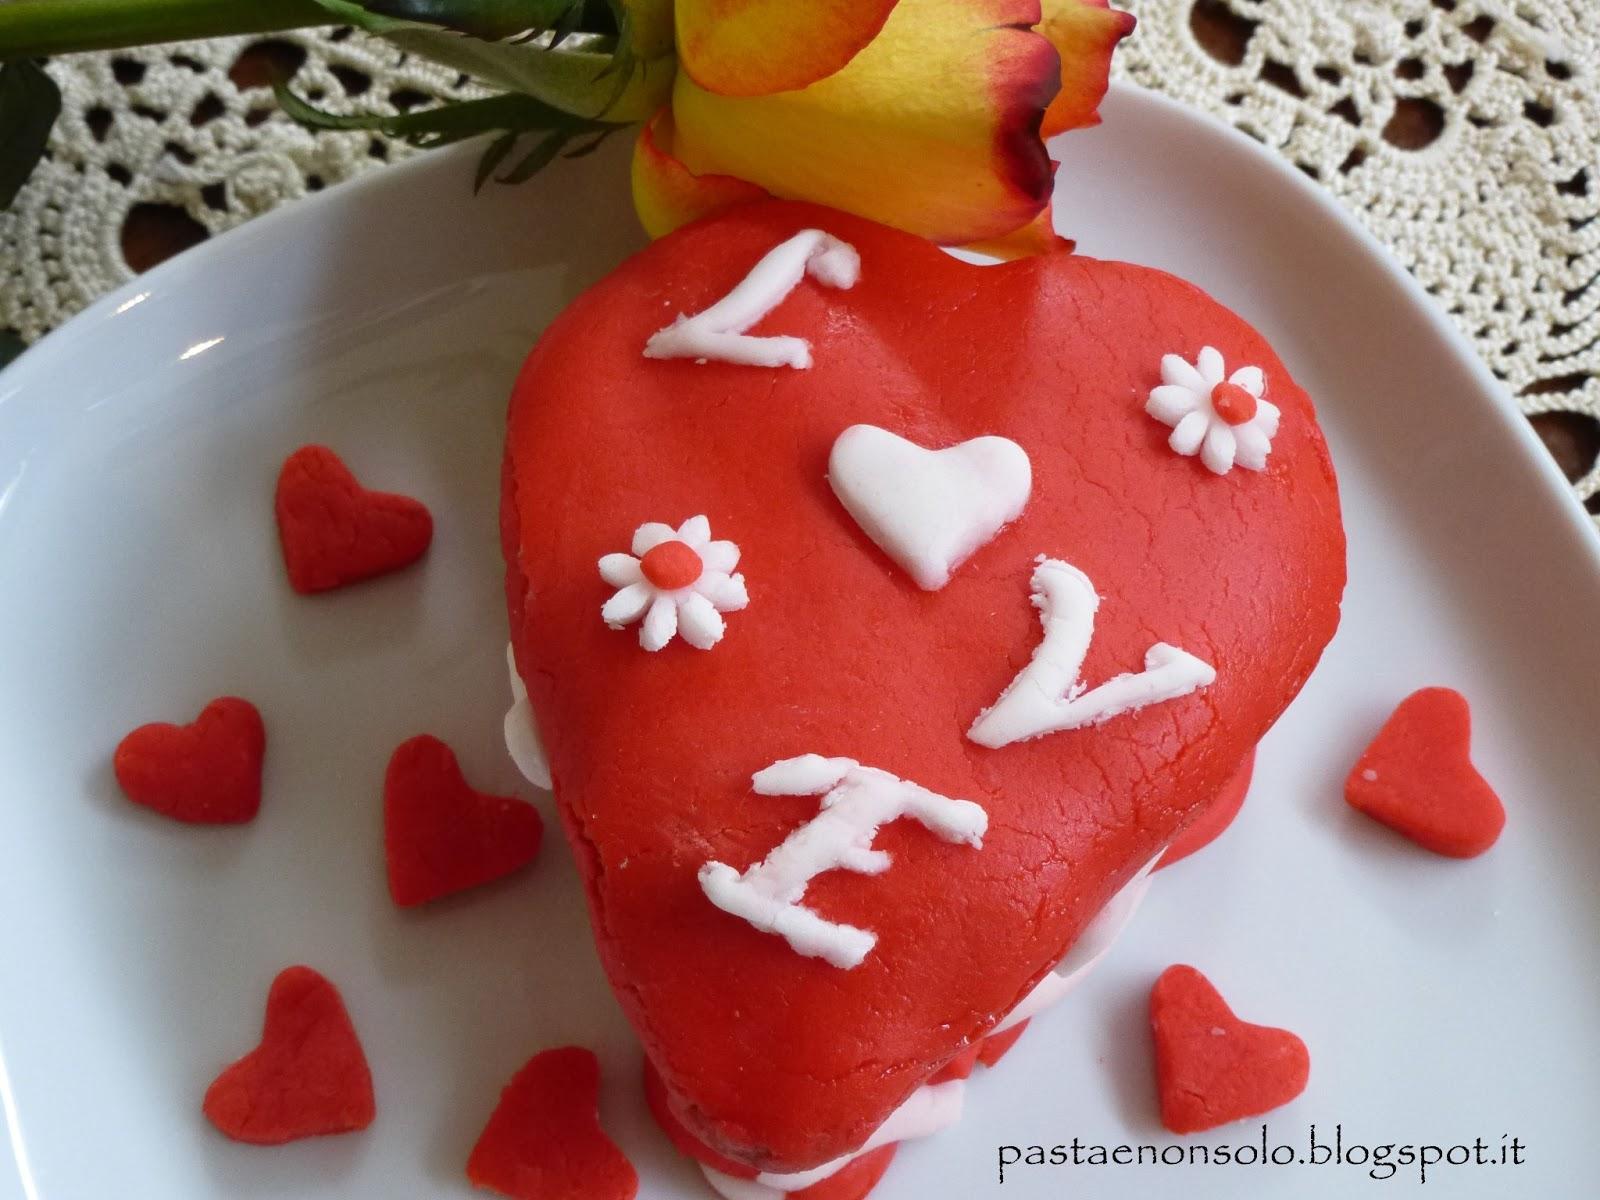 18 idee romantiche per san valentino sposiamoci risparmiando - San valentino idee romantiche ...